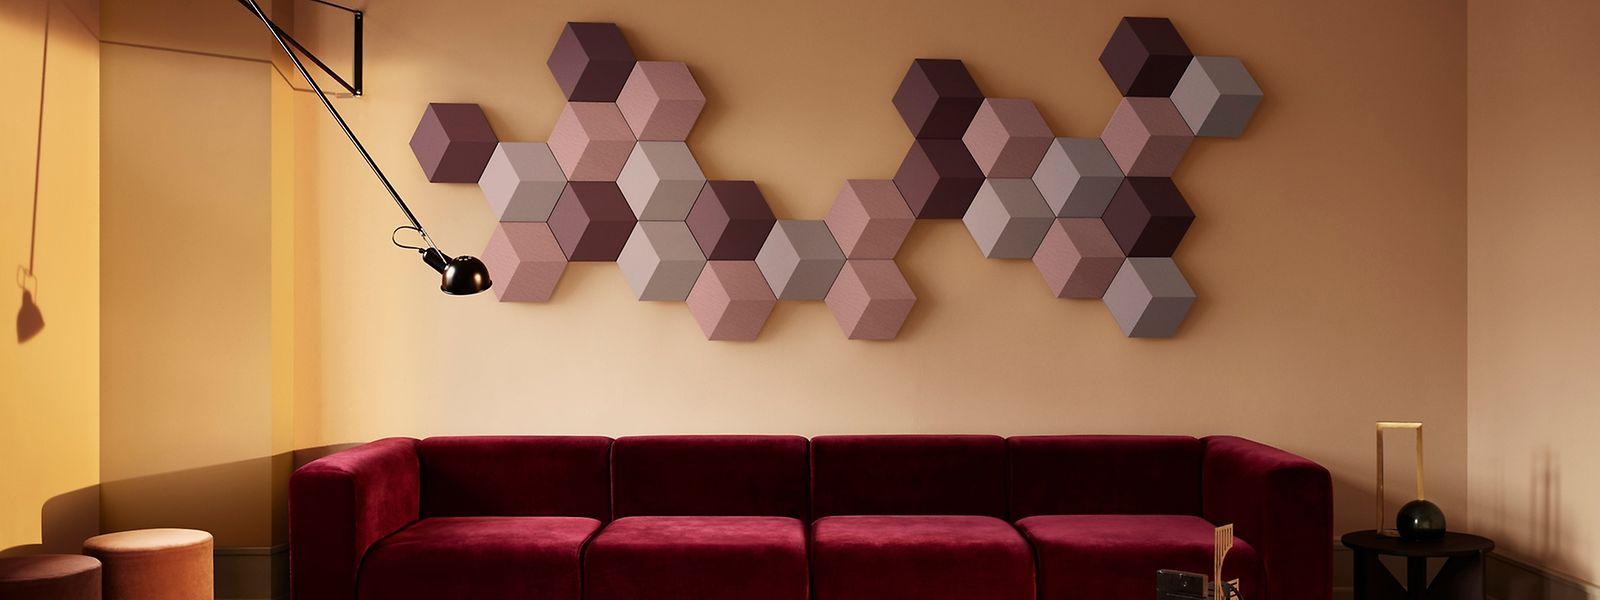 Die einzelnen Elemente lassen sich ganz individuell an der Wand anordnen.